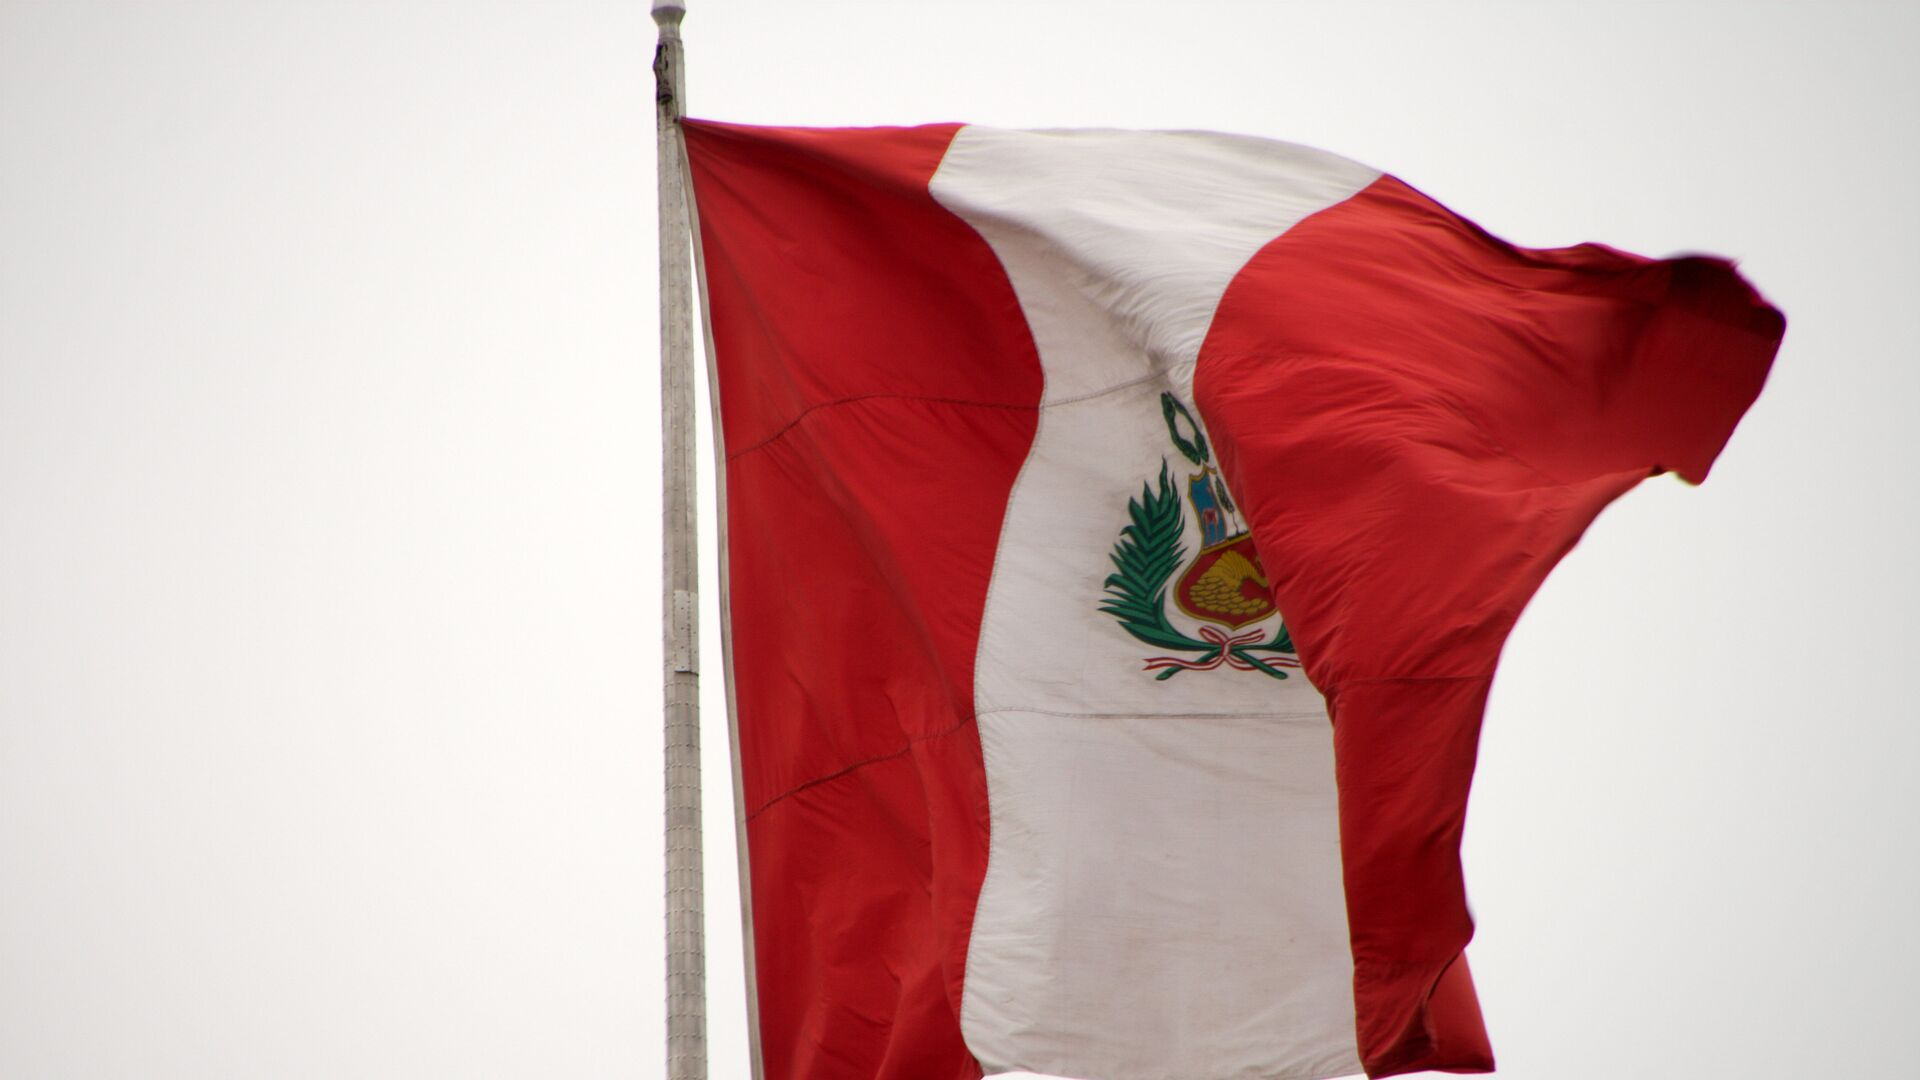 La bandera de Perú - Sputnik Mundo, 1920, 17.03.2021